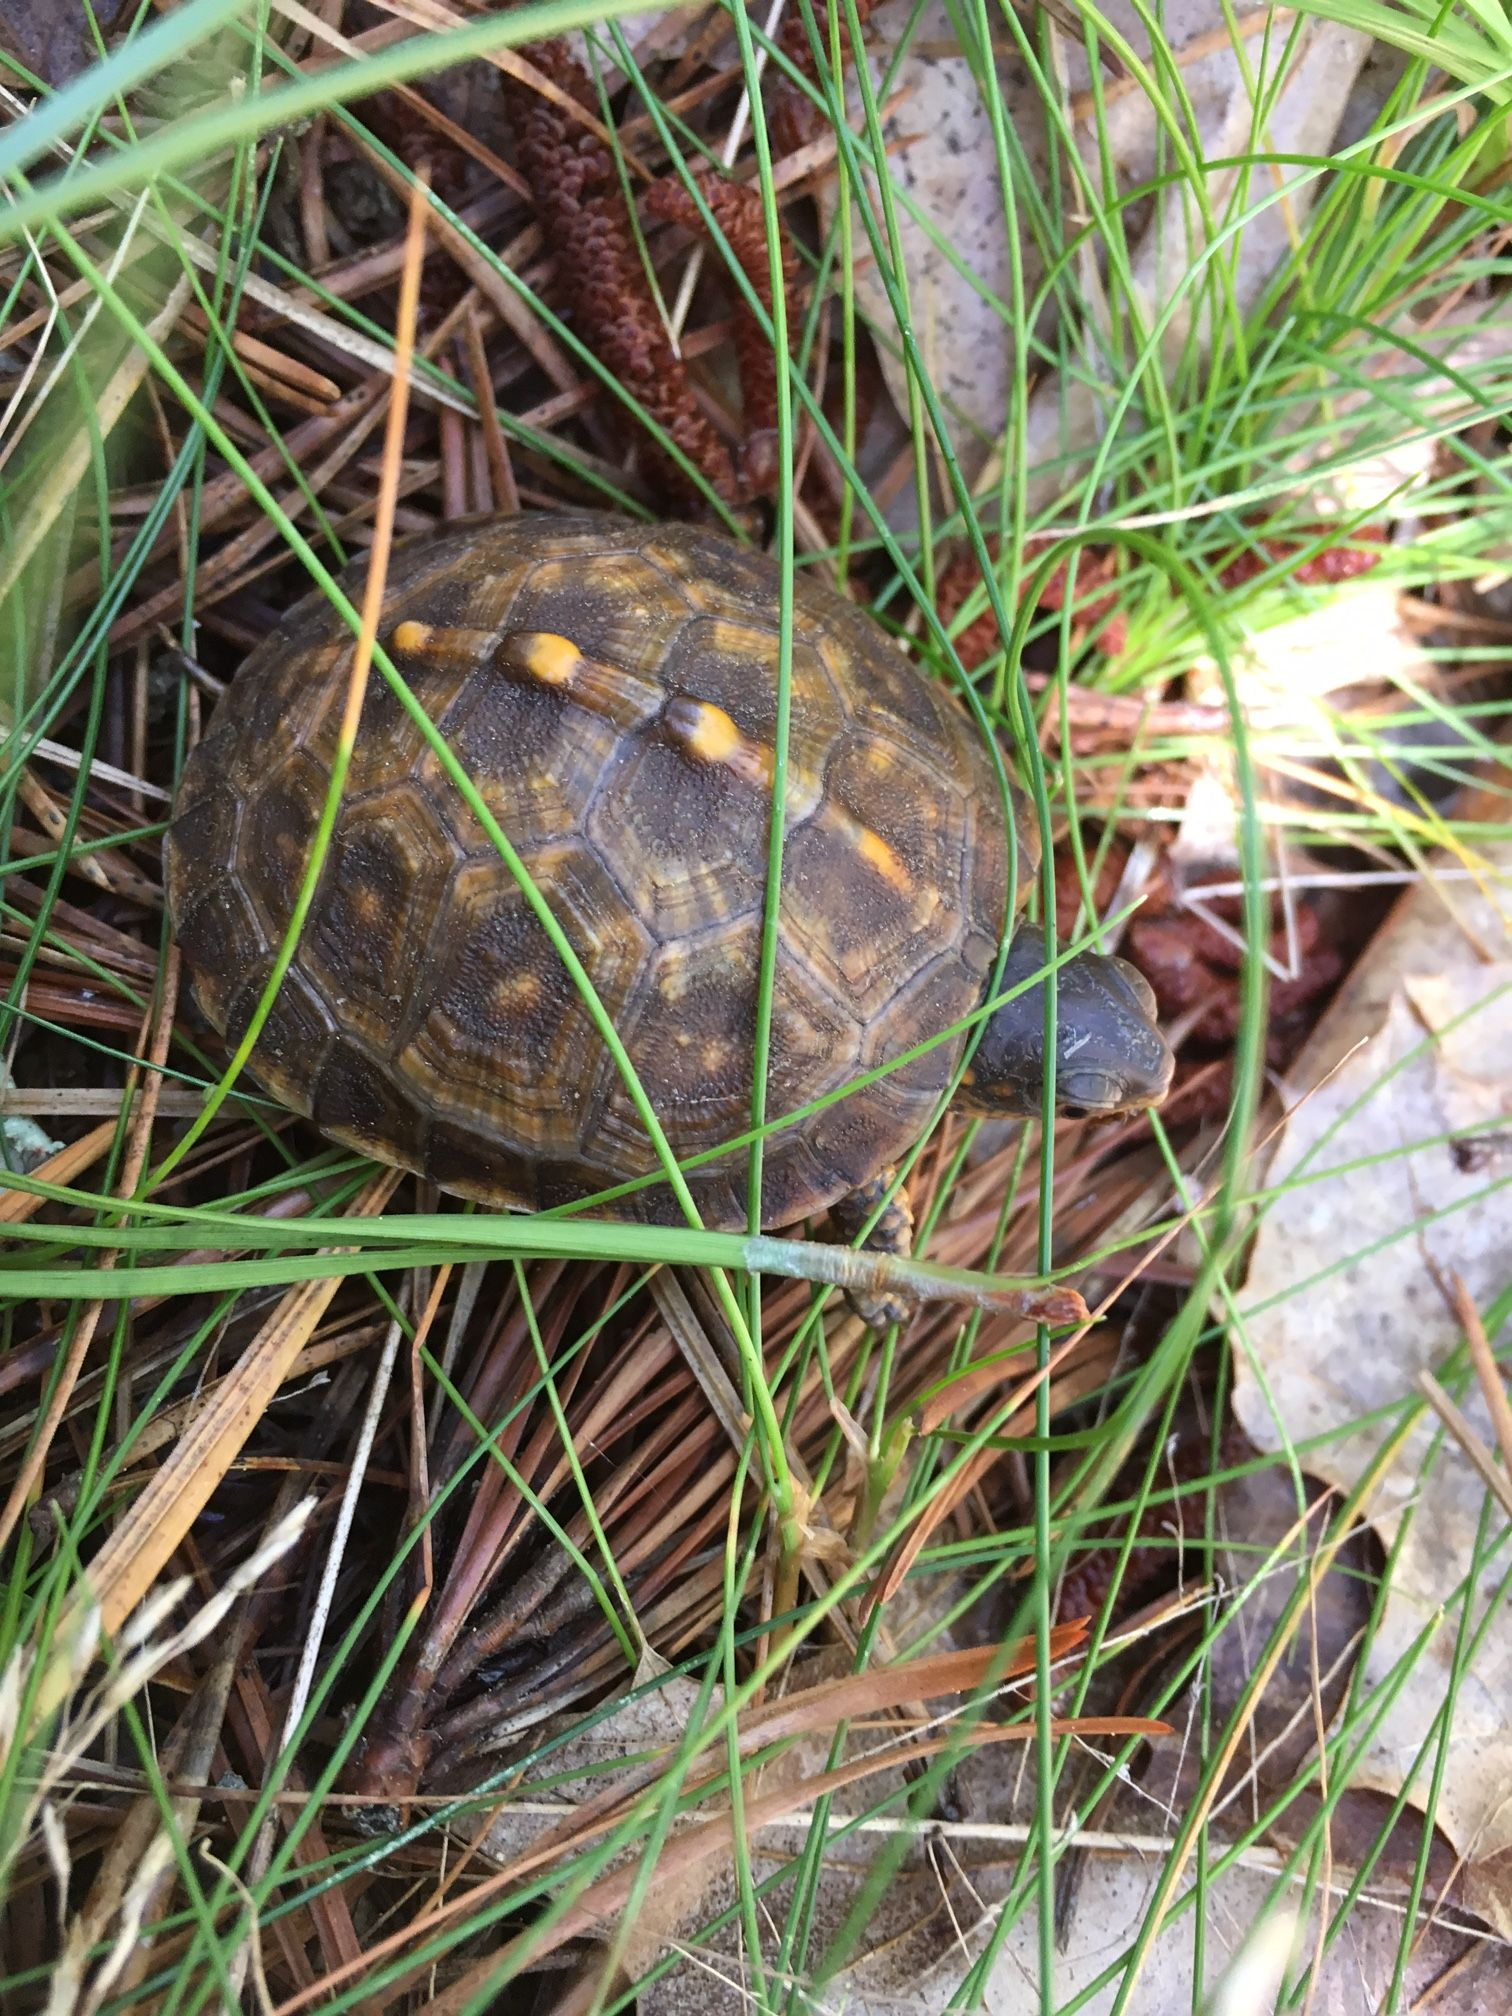 field notes citizen science at wellfleet bay a mass audubon blog